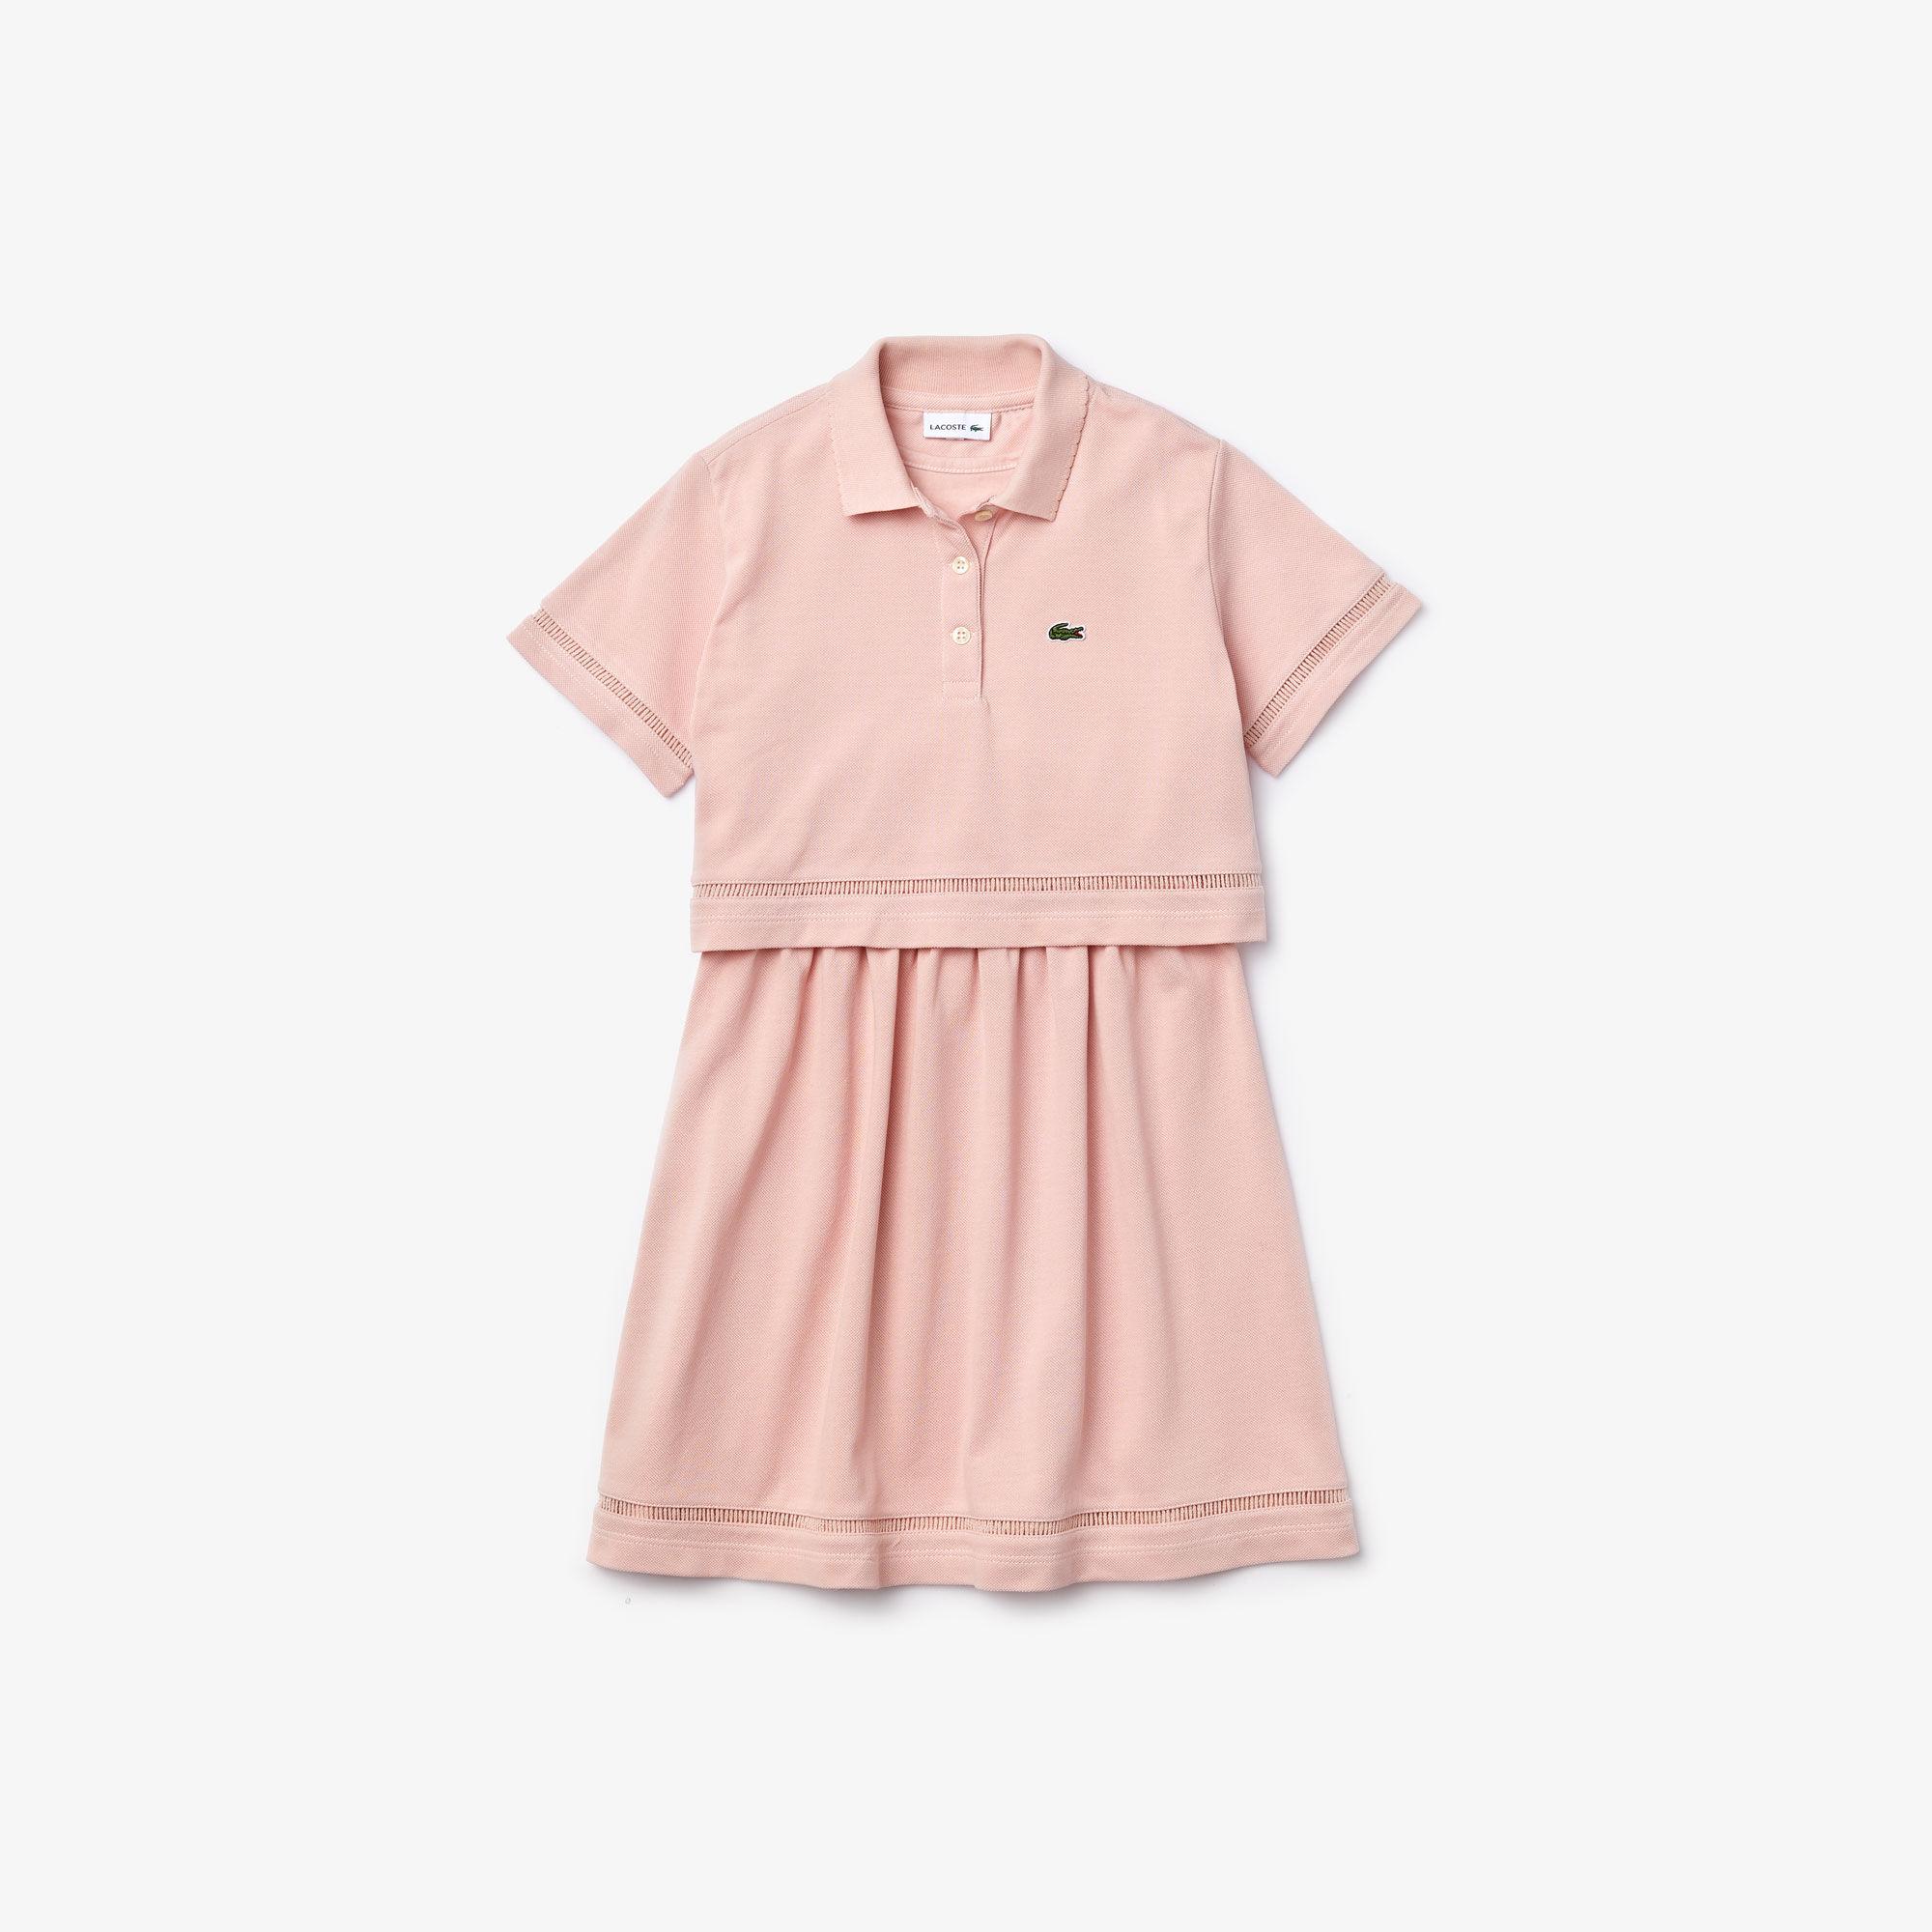 فستان بتصميم بولو للبنات محيك بأسلوب الترمبلوي